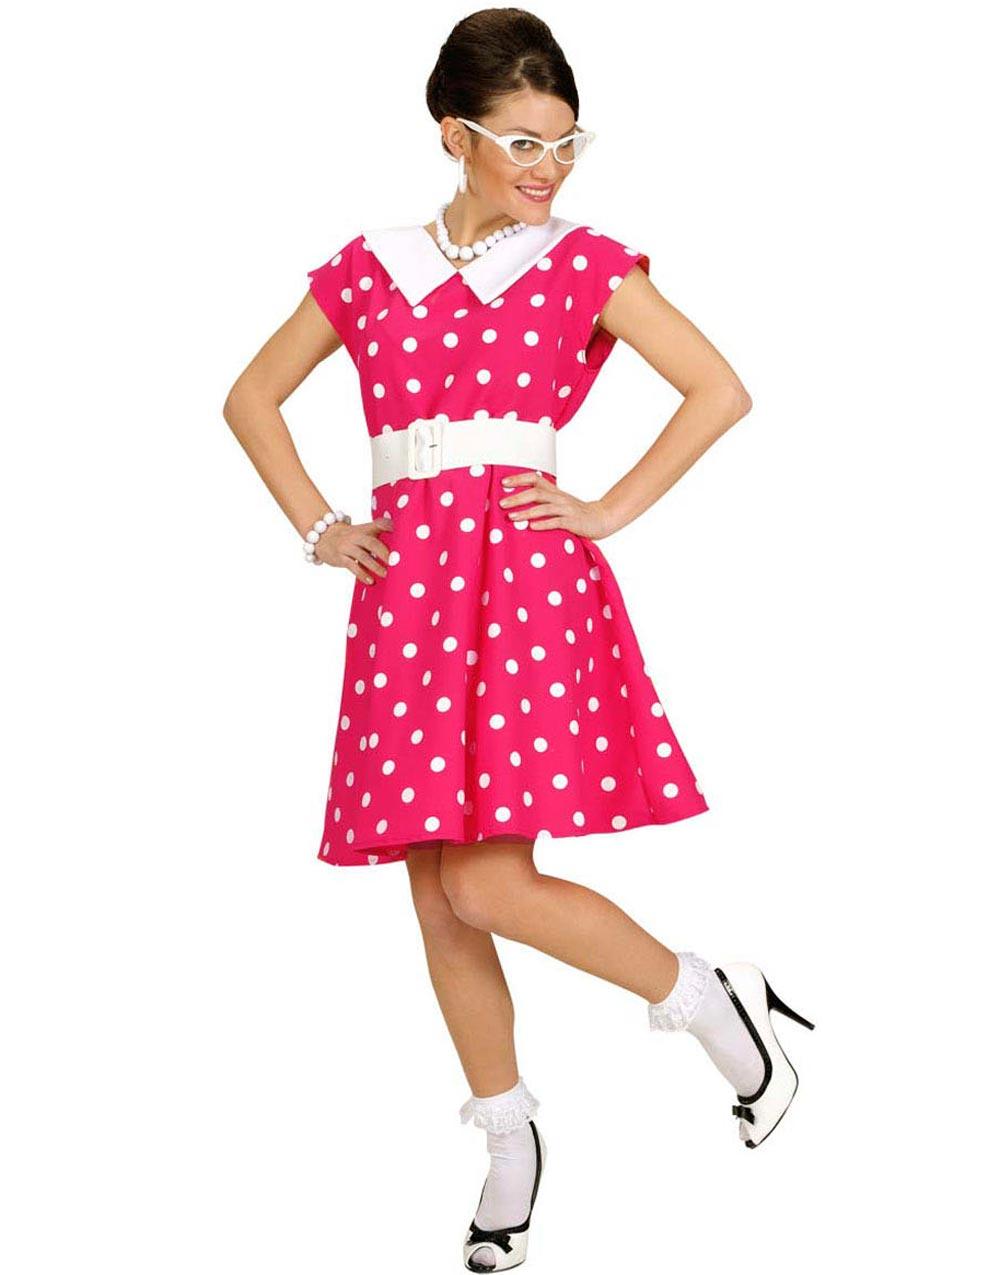 50 Talls Rosa Kjole med Prikker Kostyme